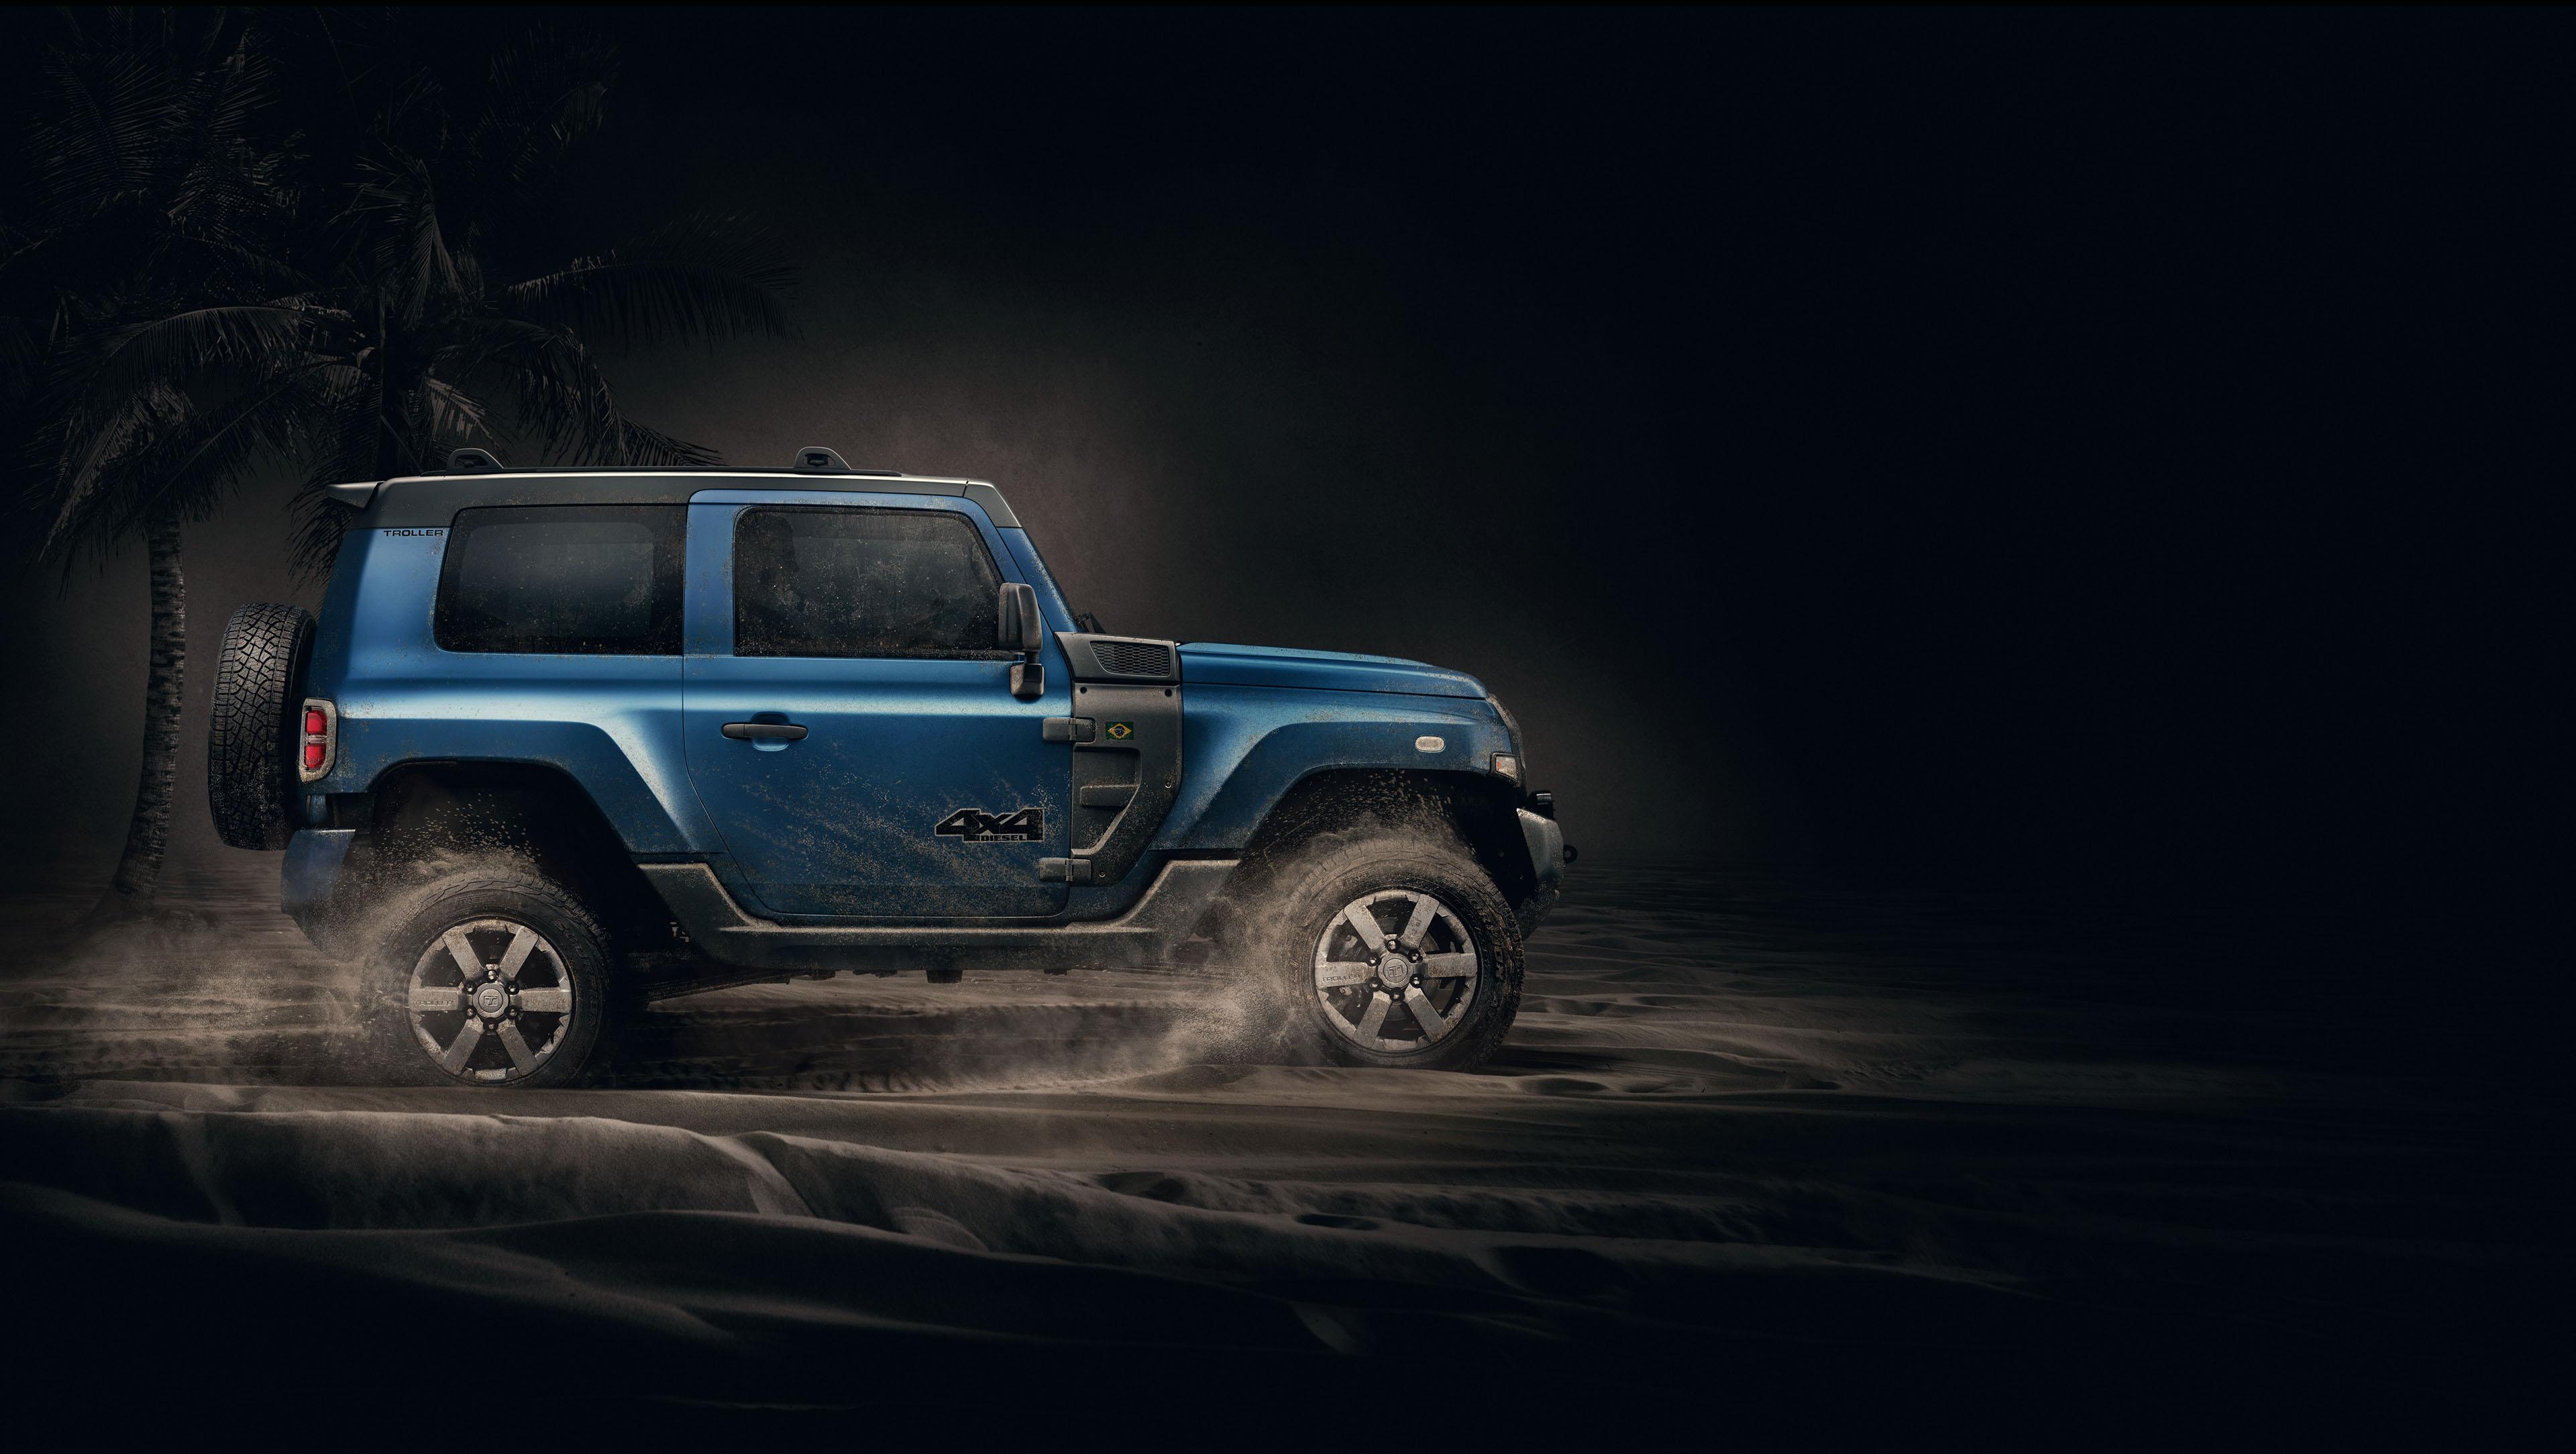 Jeep Car Images Hd: 1920x1080 Jeep Drifting 4k Laptop Full HD 1080P HD 4k